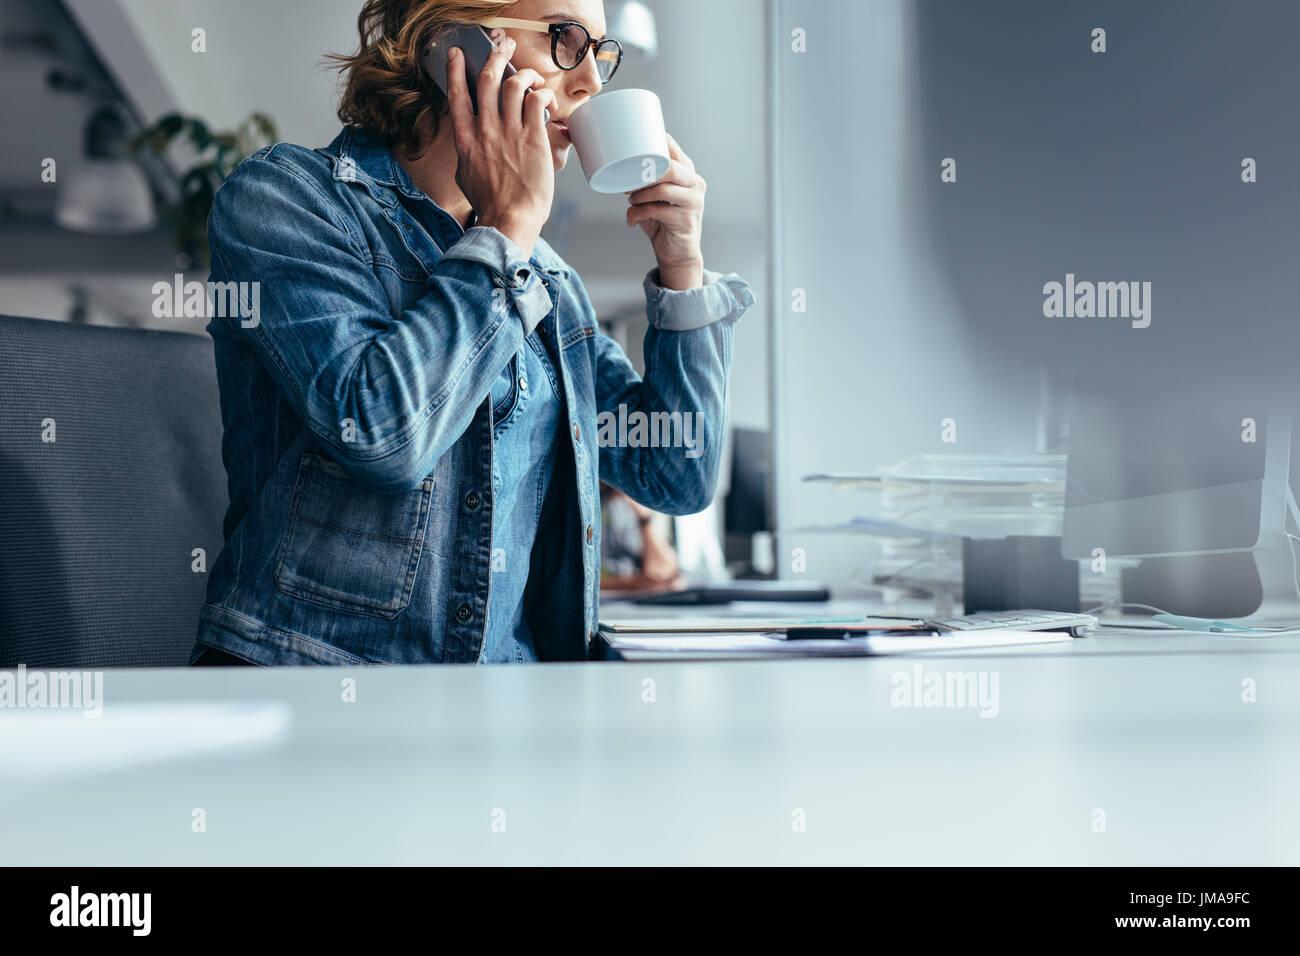 Donna al lavoro a bere caffè e parlando al telefono cellulare. Giovane imprenditrice a lavoro rendendo la telefonata e un caffè. Immagini Stock